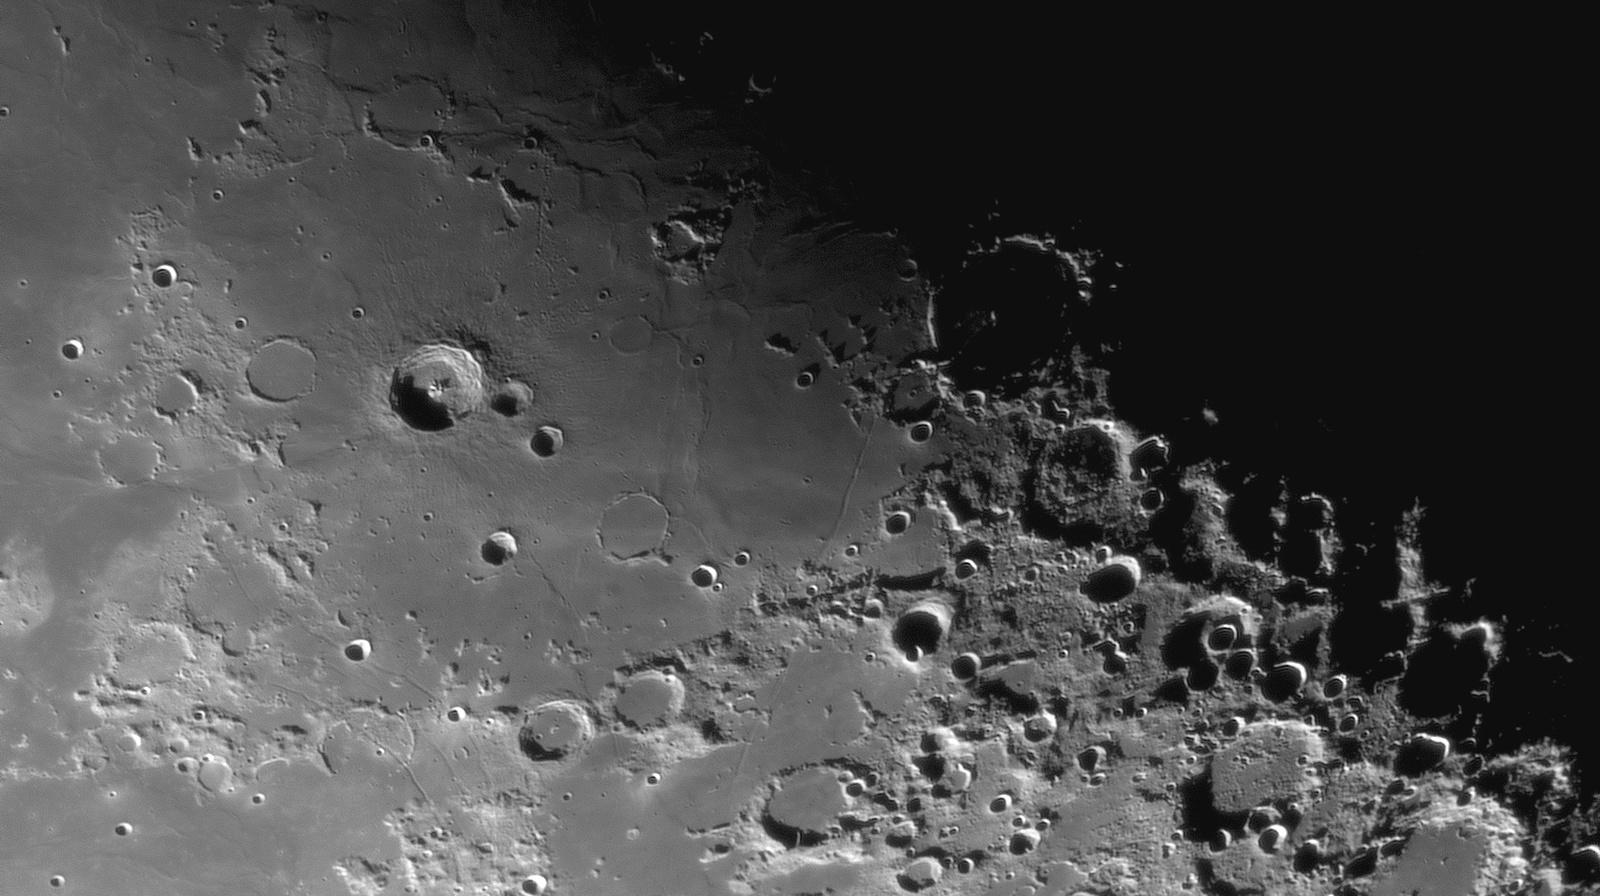 Bullialdus,Pitatus,Hesiodus,Hippalus Rille_24.08.2019r_03.55_TS152F2270_ASI290MM_Halpha 35nm_105%....jpg